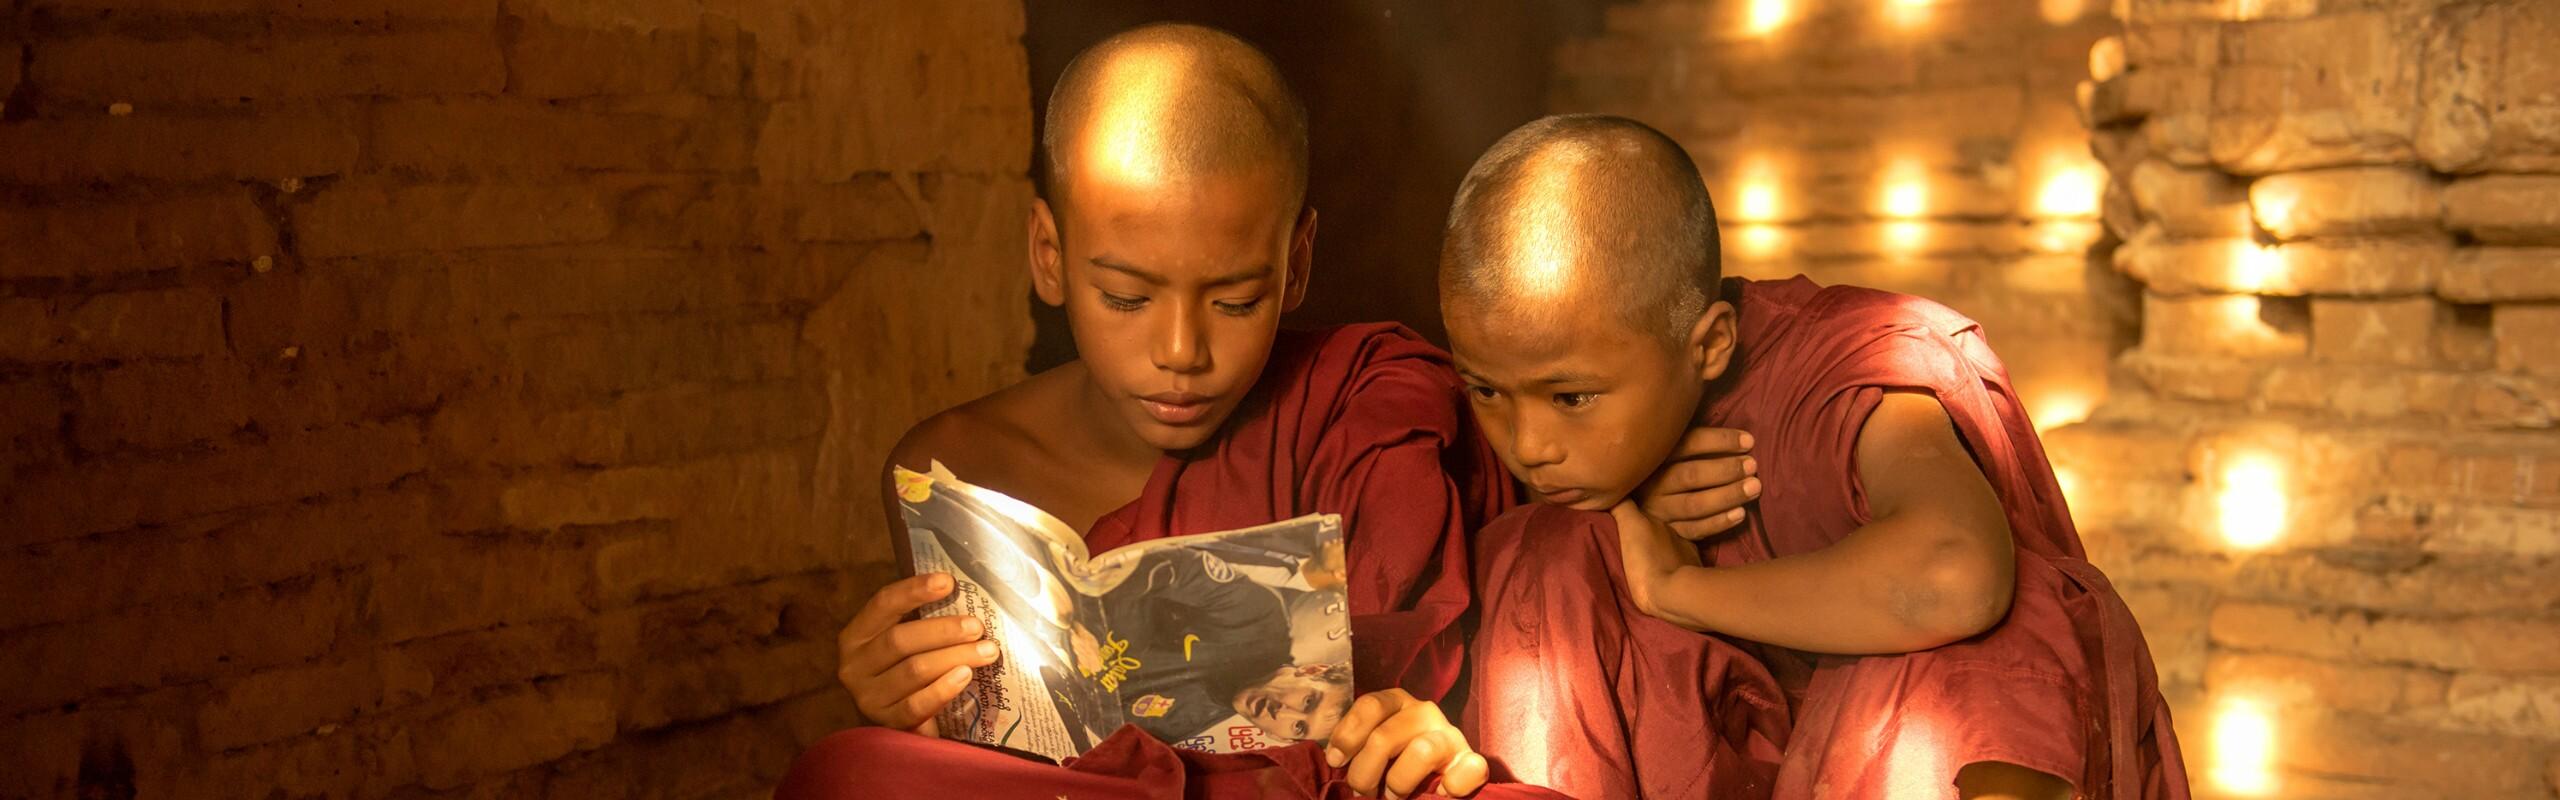 Plan a trip to Bagan - 2 to 3 days itineraries